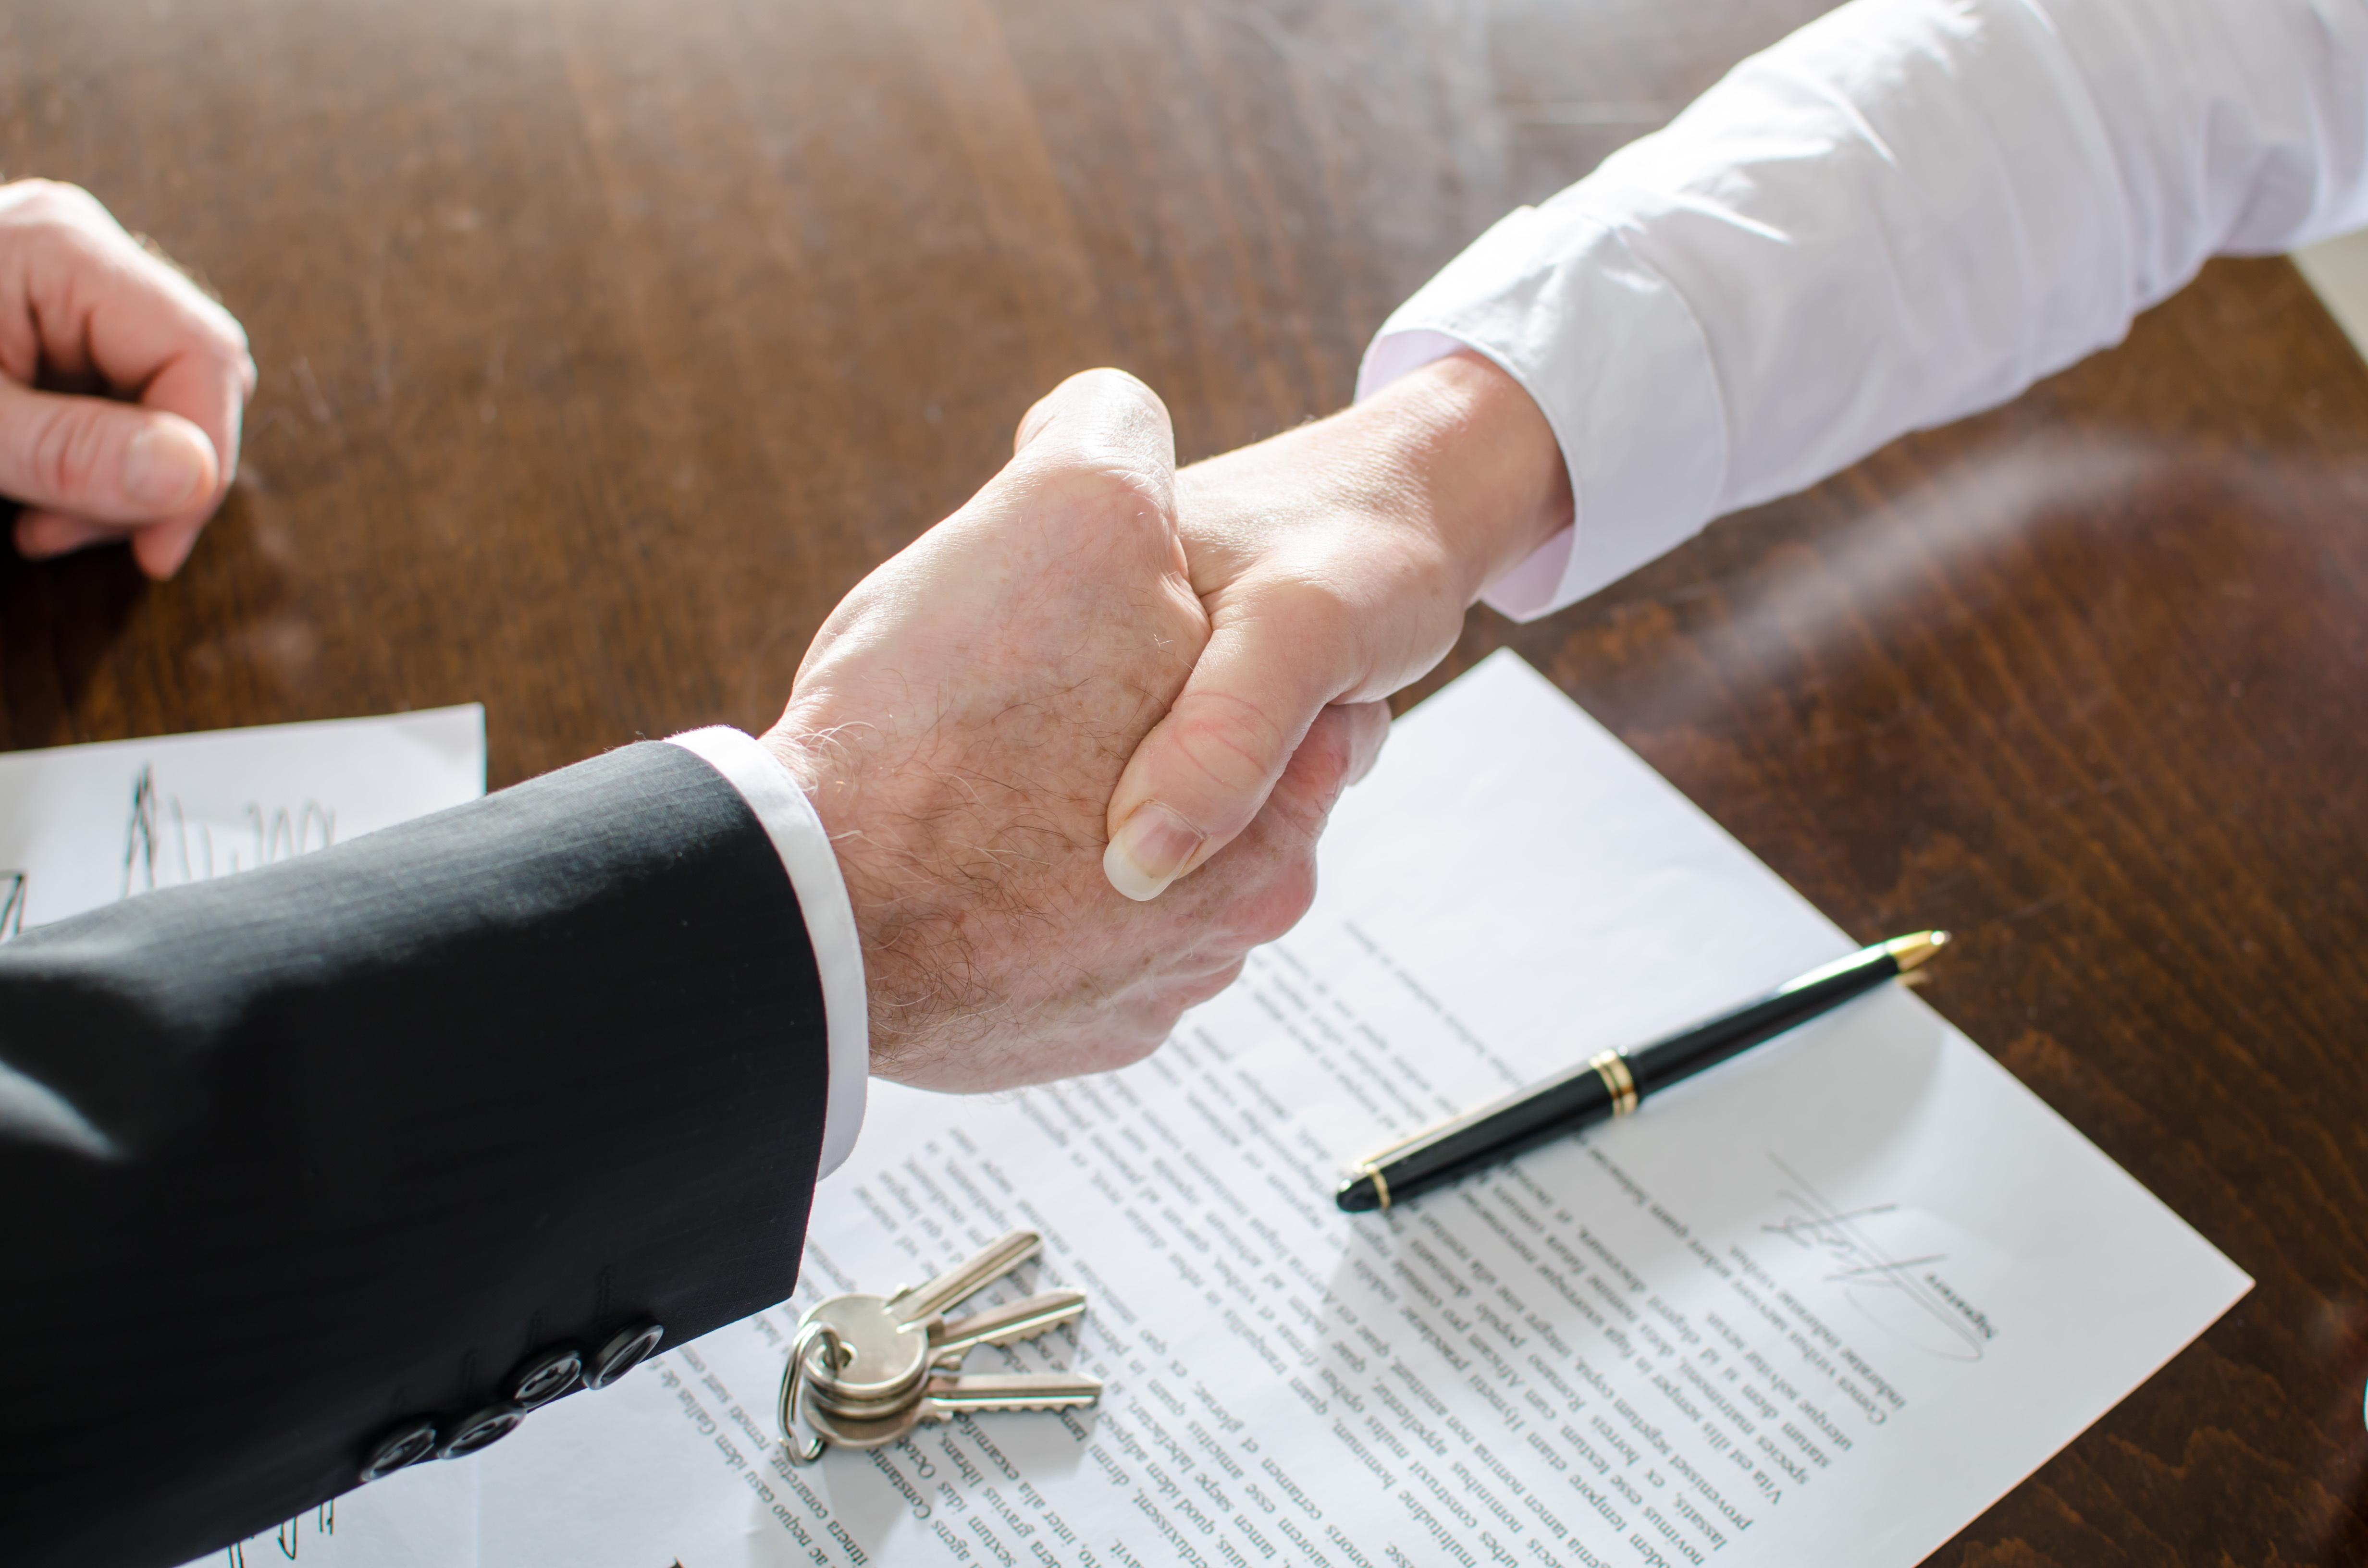 Нужно ли согласие супруга на дарение квартиры